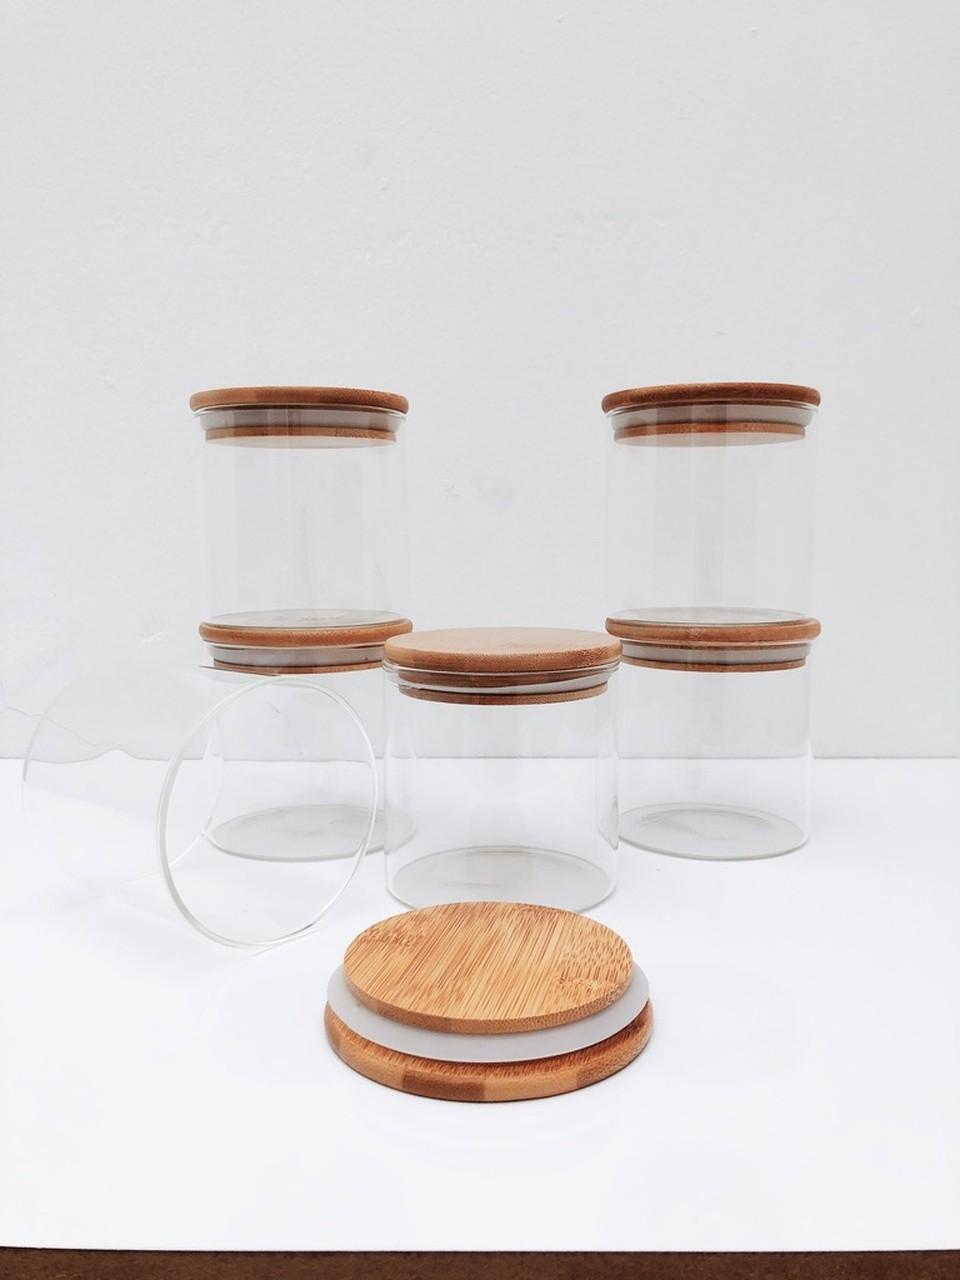 Kit Pote de Vidro com Tampa de Bambu 500ml - 6 Peças  - CASACOBRE